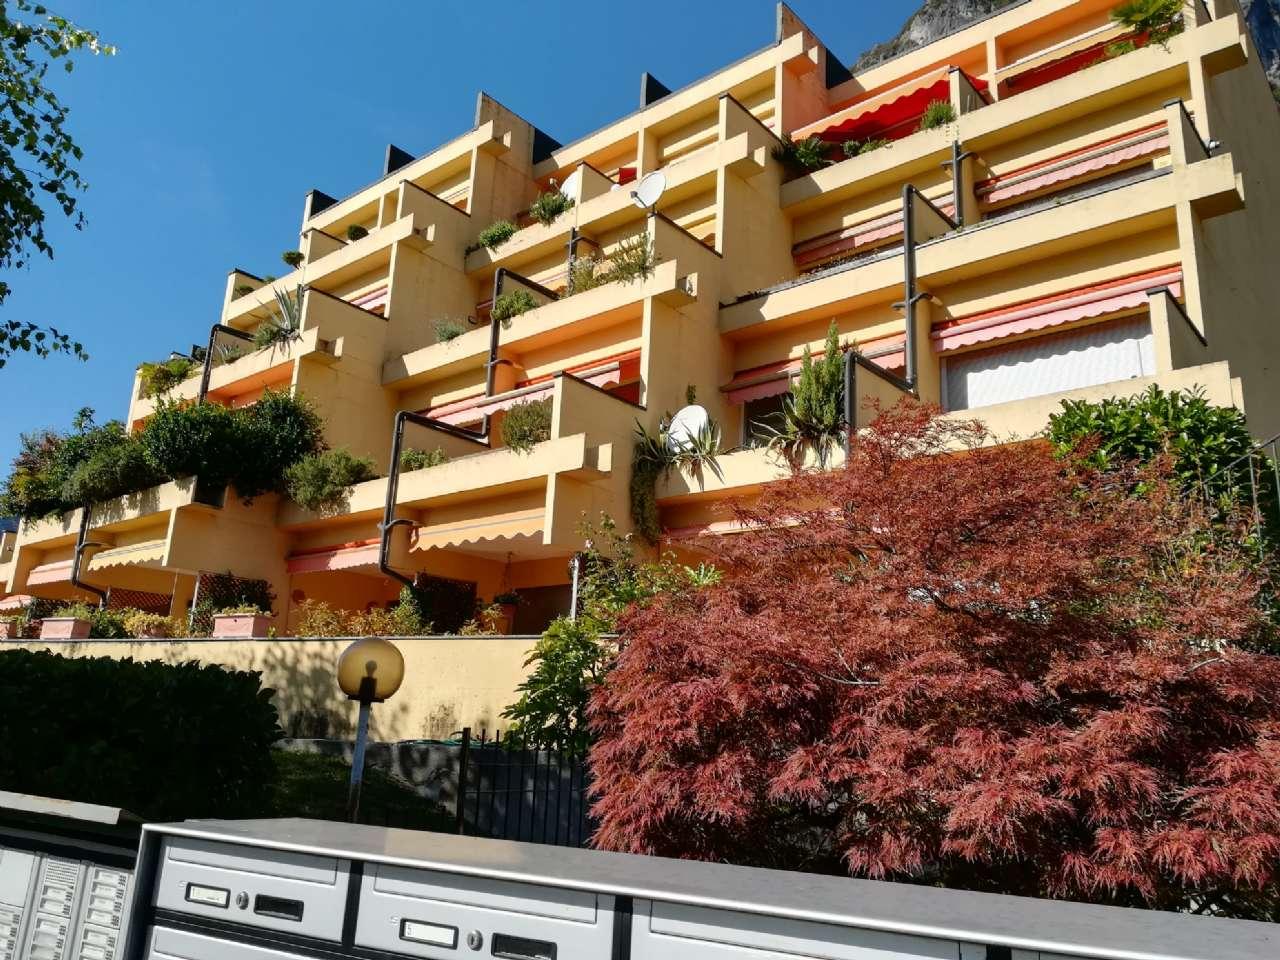 Appartamento in vendita a Porlezza, 1 locali, prezzo € 120.000 | PortaleAgenzieImmobiliari.it